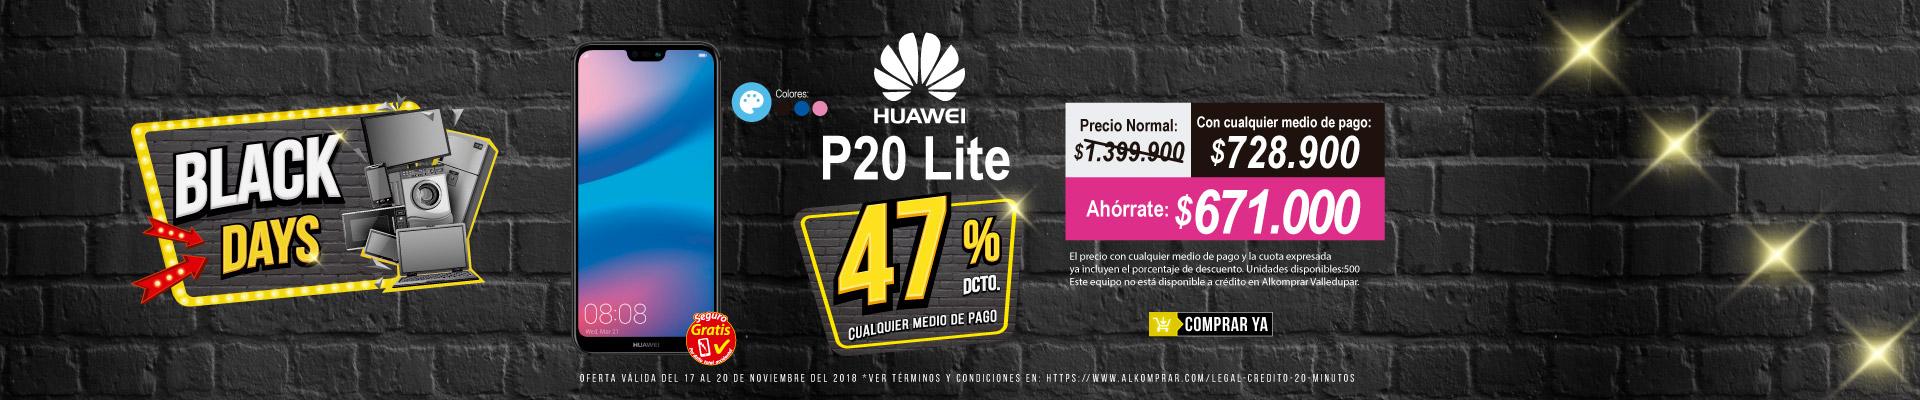 BP ALKP P20 LITE